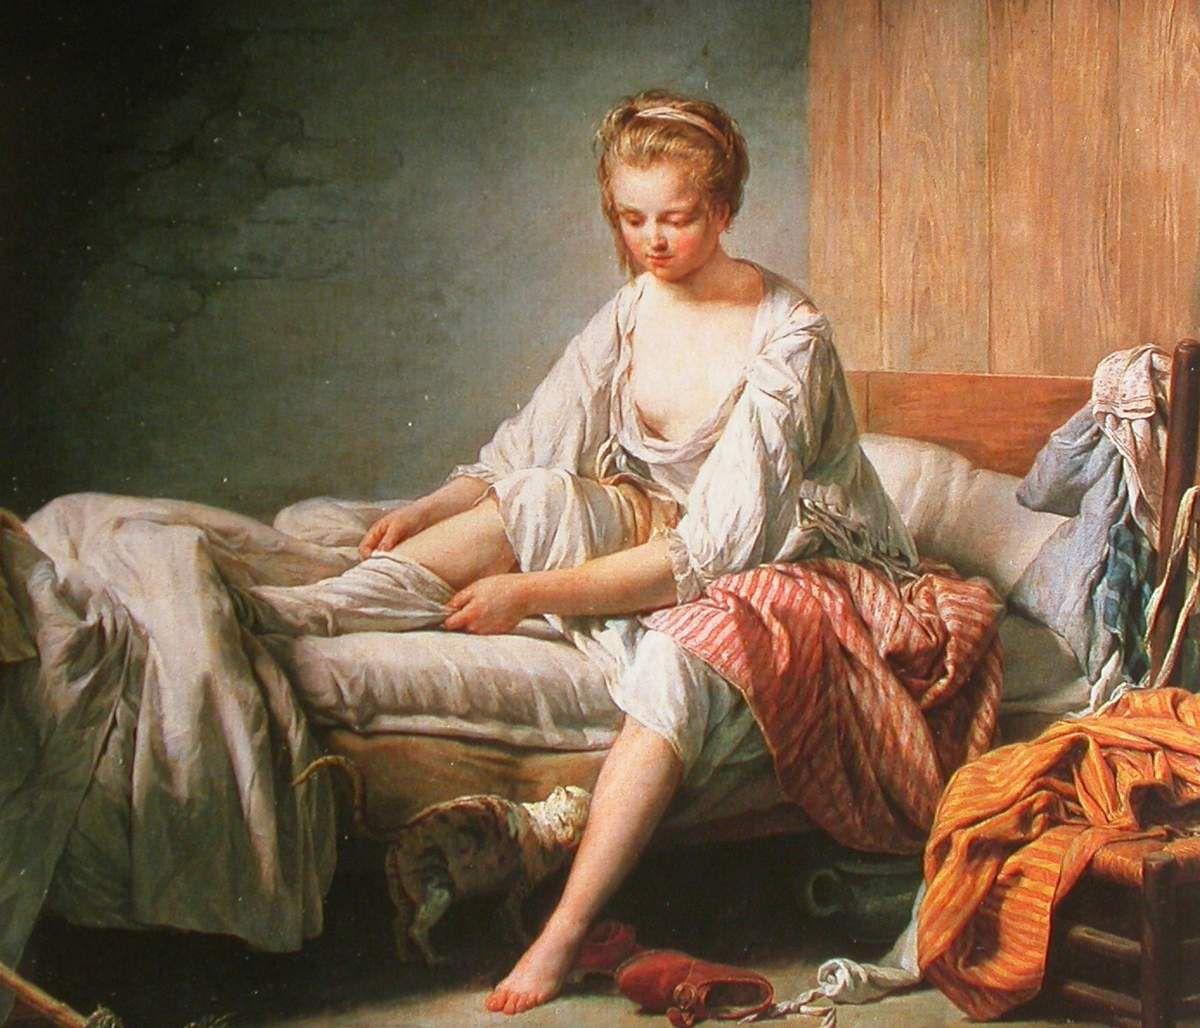 De Goya à Manet : du nu au déshabillé